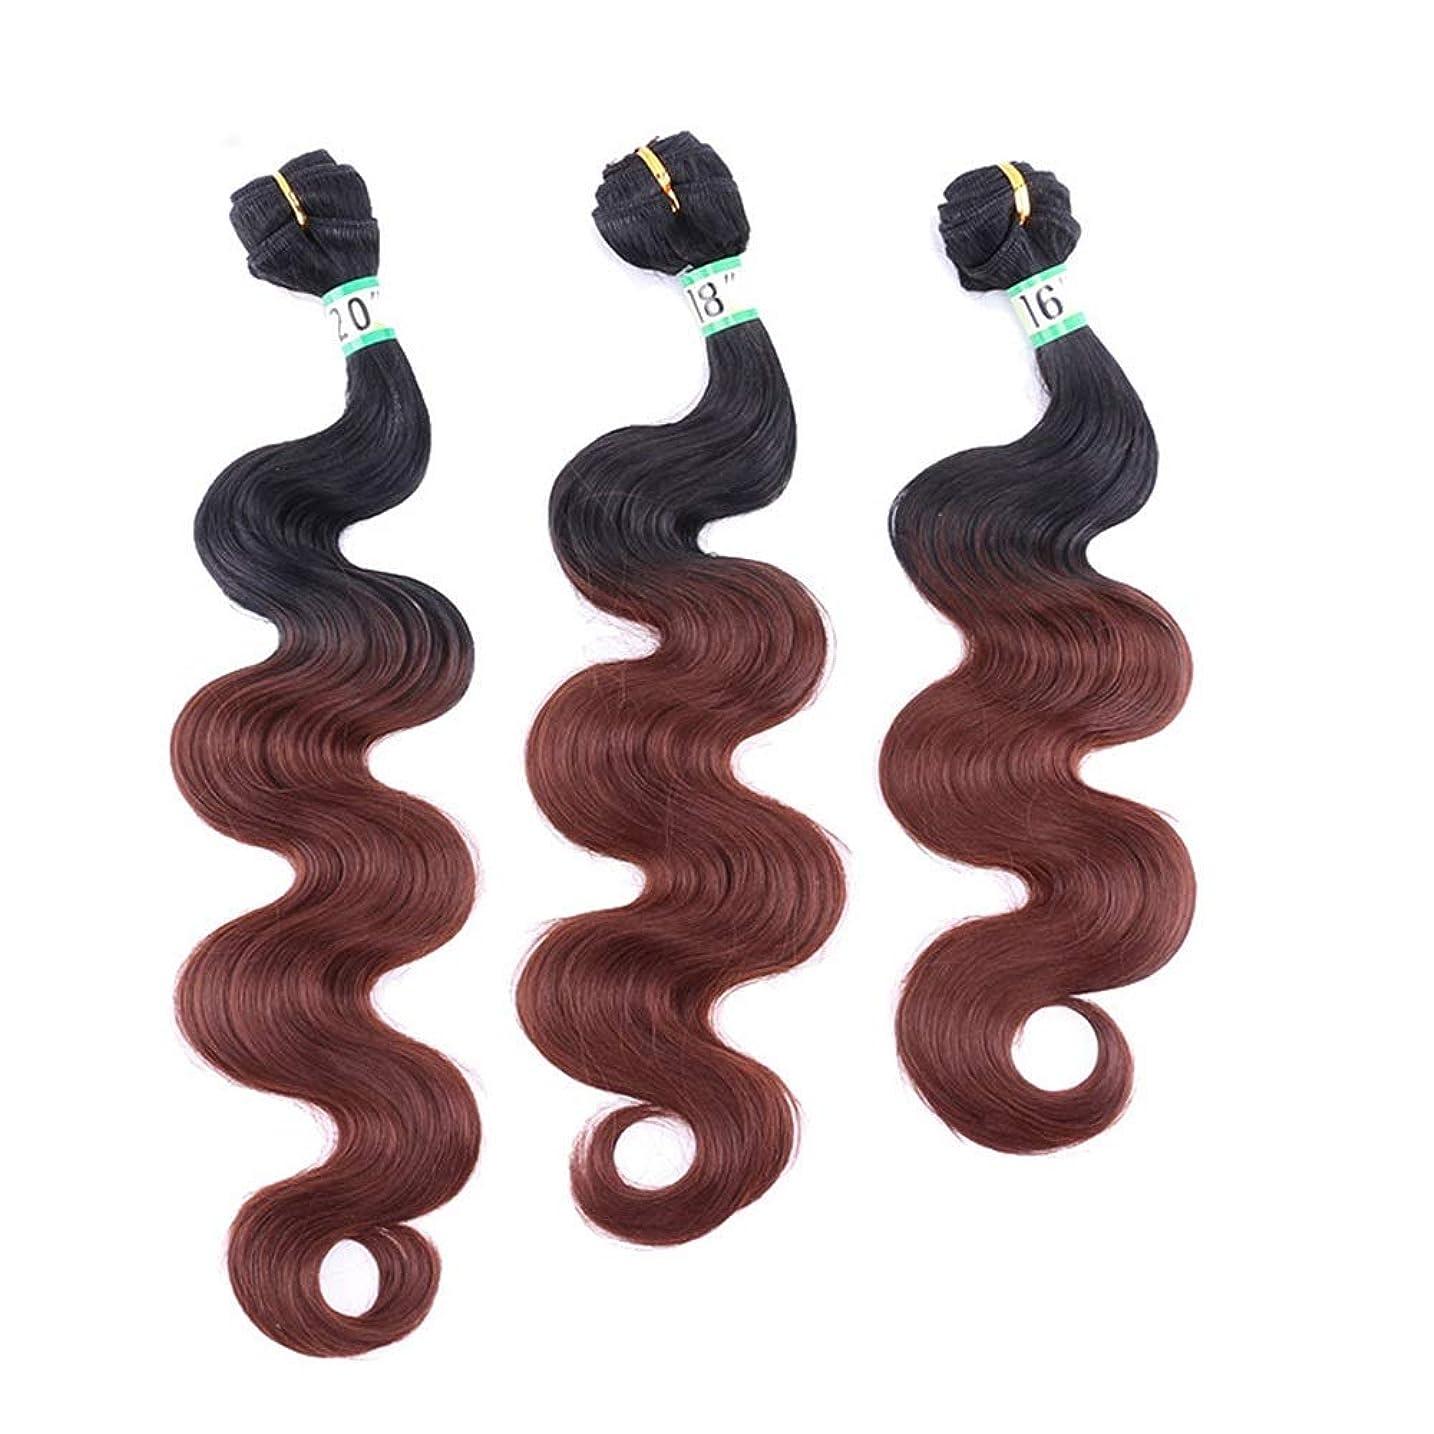 バスできれば集団Yrattary 実体波3バンドルヘアエクステンション - T1 / 33#ブラウンツートンカラー髪織り70g /バンドル(16